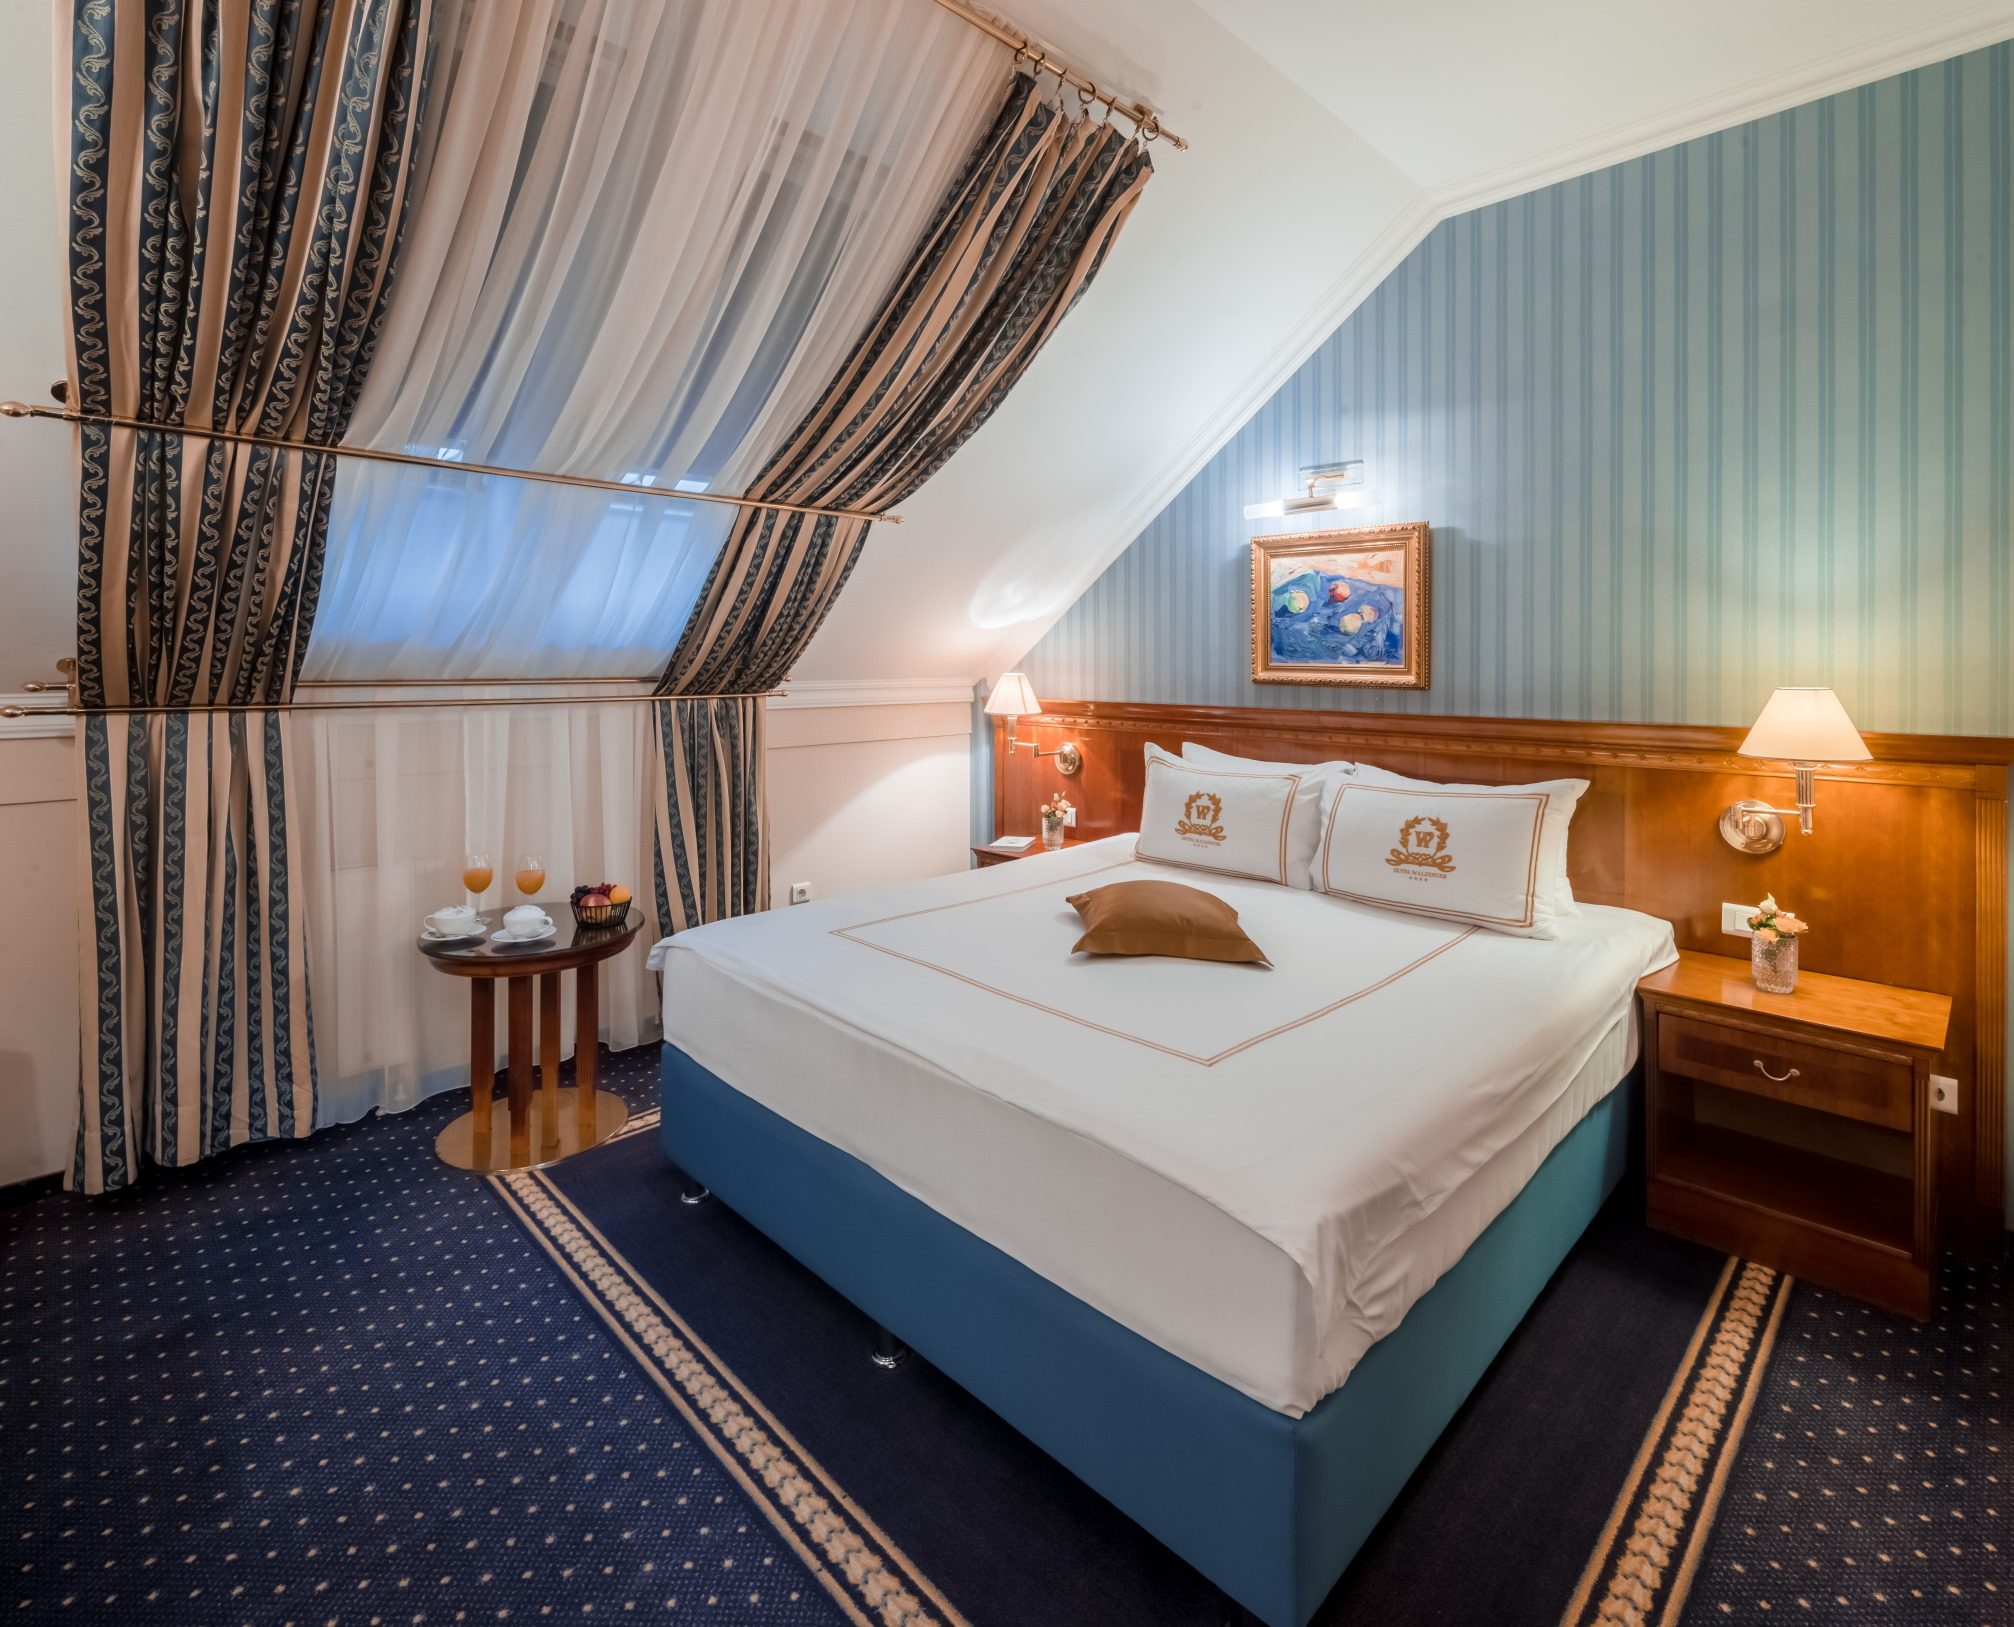 U srcu Osijeka smješten je hotel koji krije bogatu povijest; hotel Waldinger